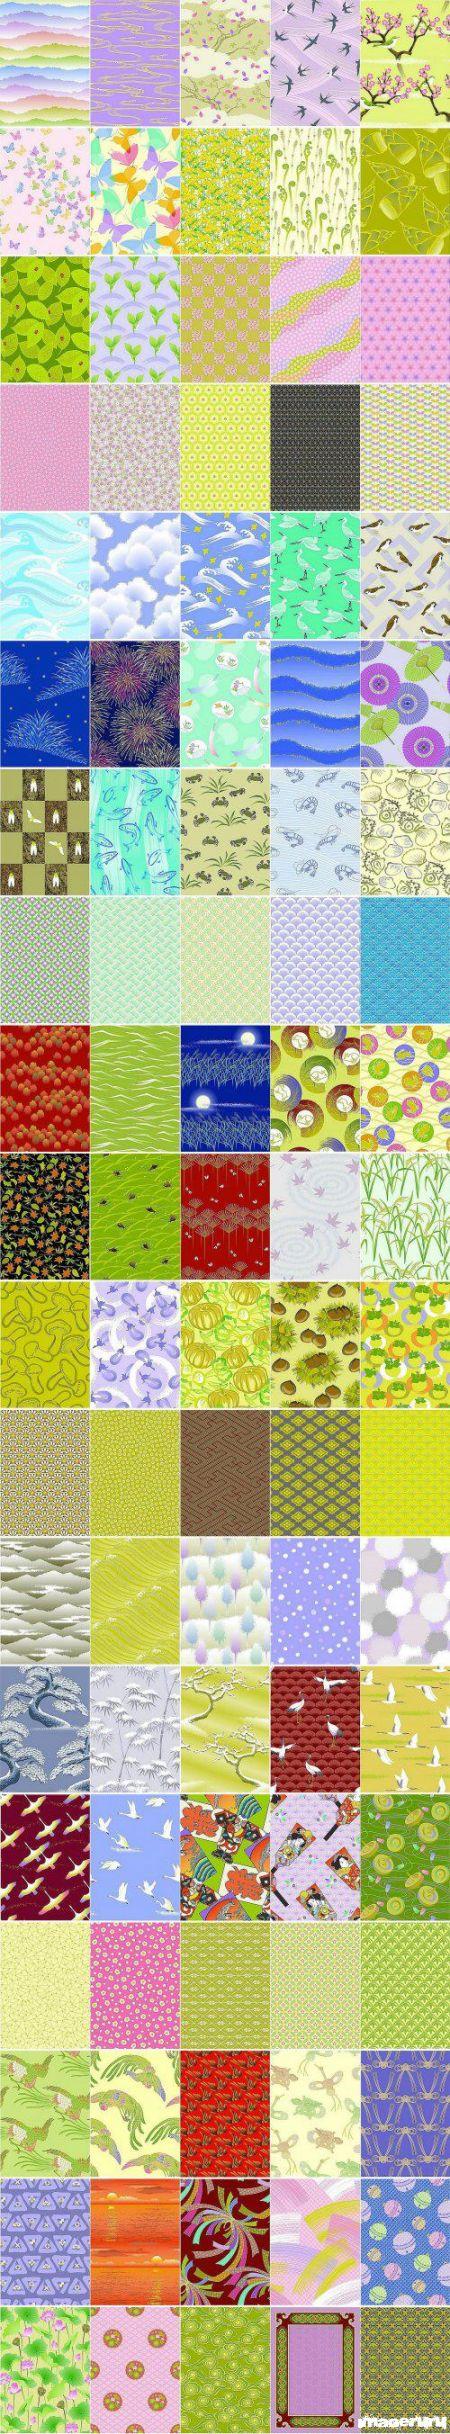 100 векторных шаблонов для дизайна ч. 3